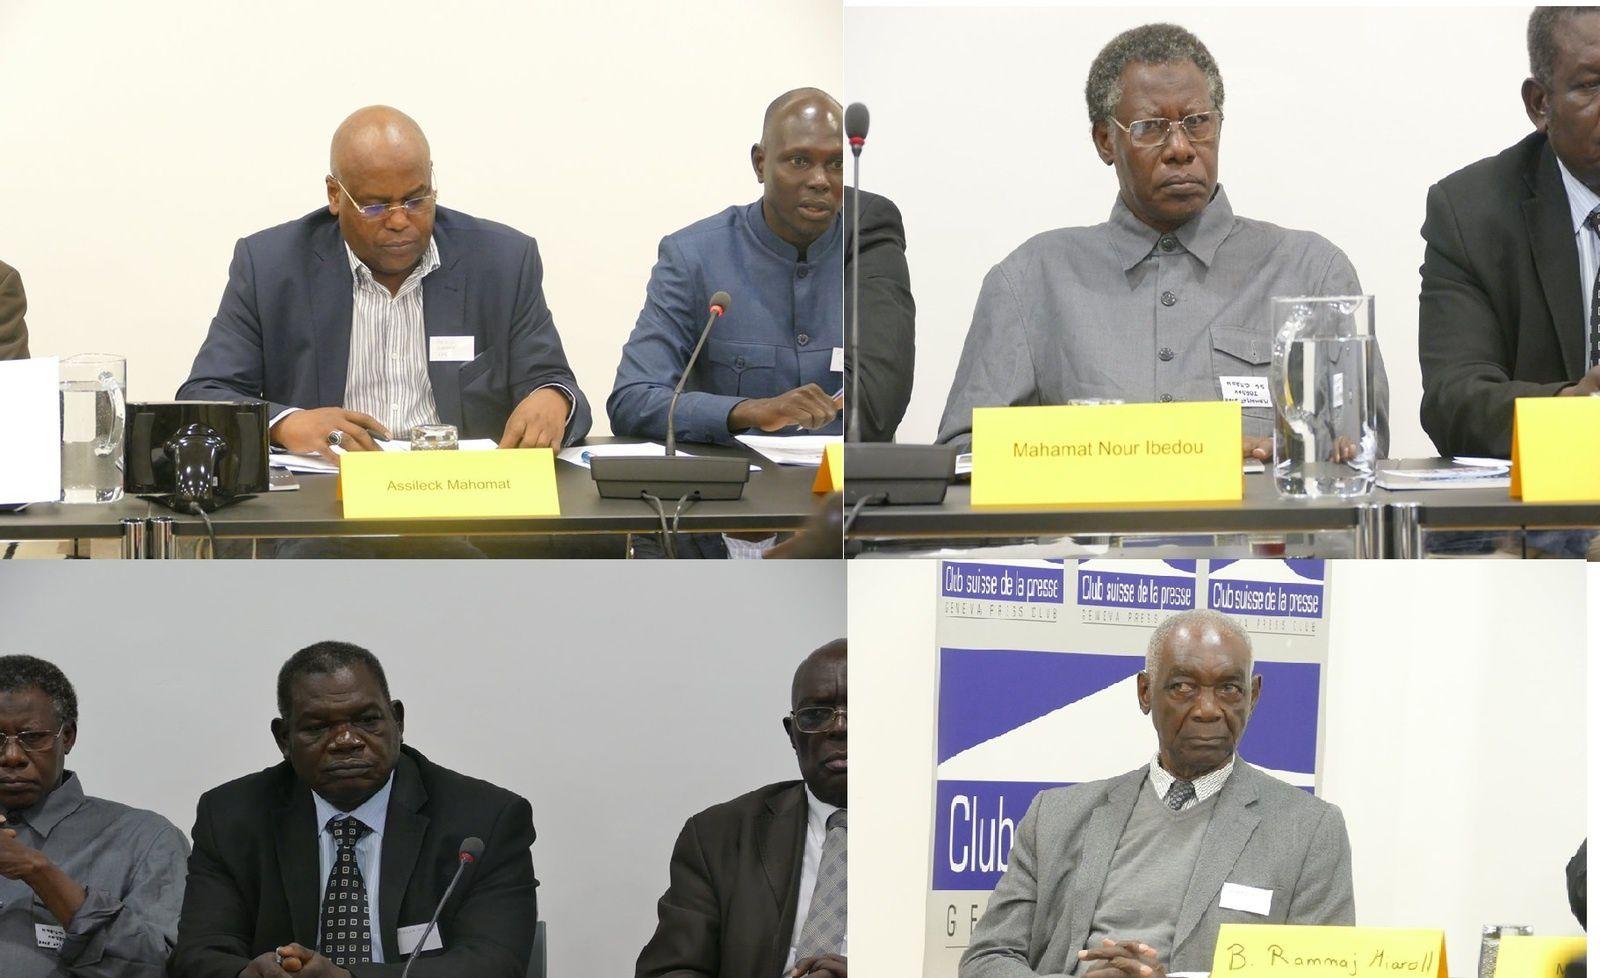 Fin des assises de Genève sur le Tchad: un réel espoir pour le règlement pacifique de l'imbroglio tchadien